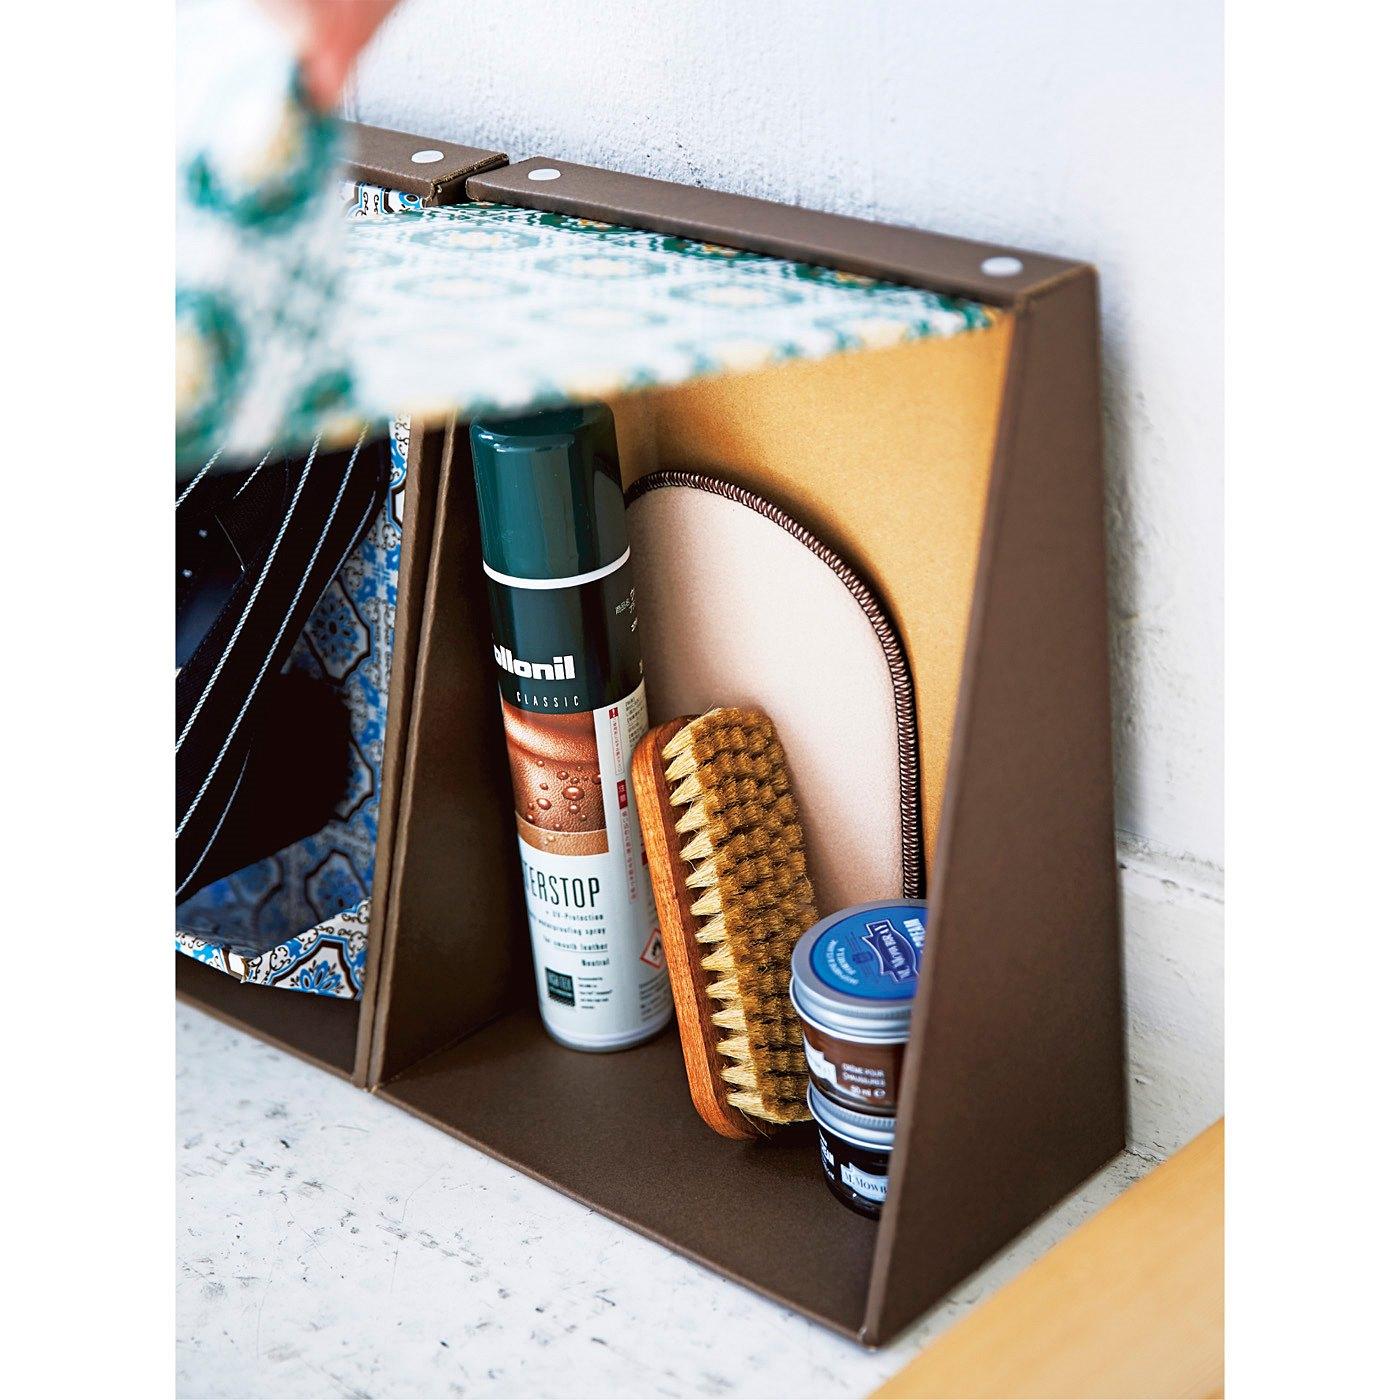 中にシューケア用品や消臭スプレーなどを収納できます。靴をのせたままでも開閉OK。